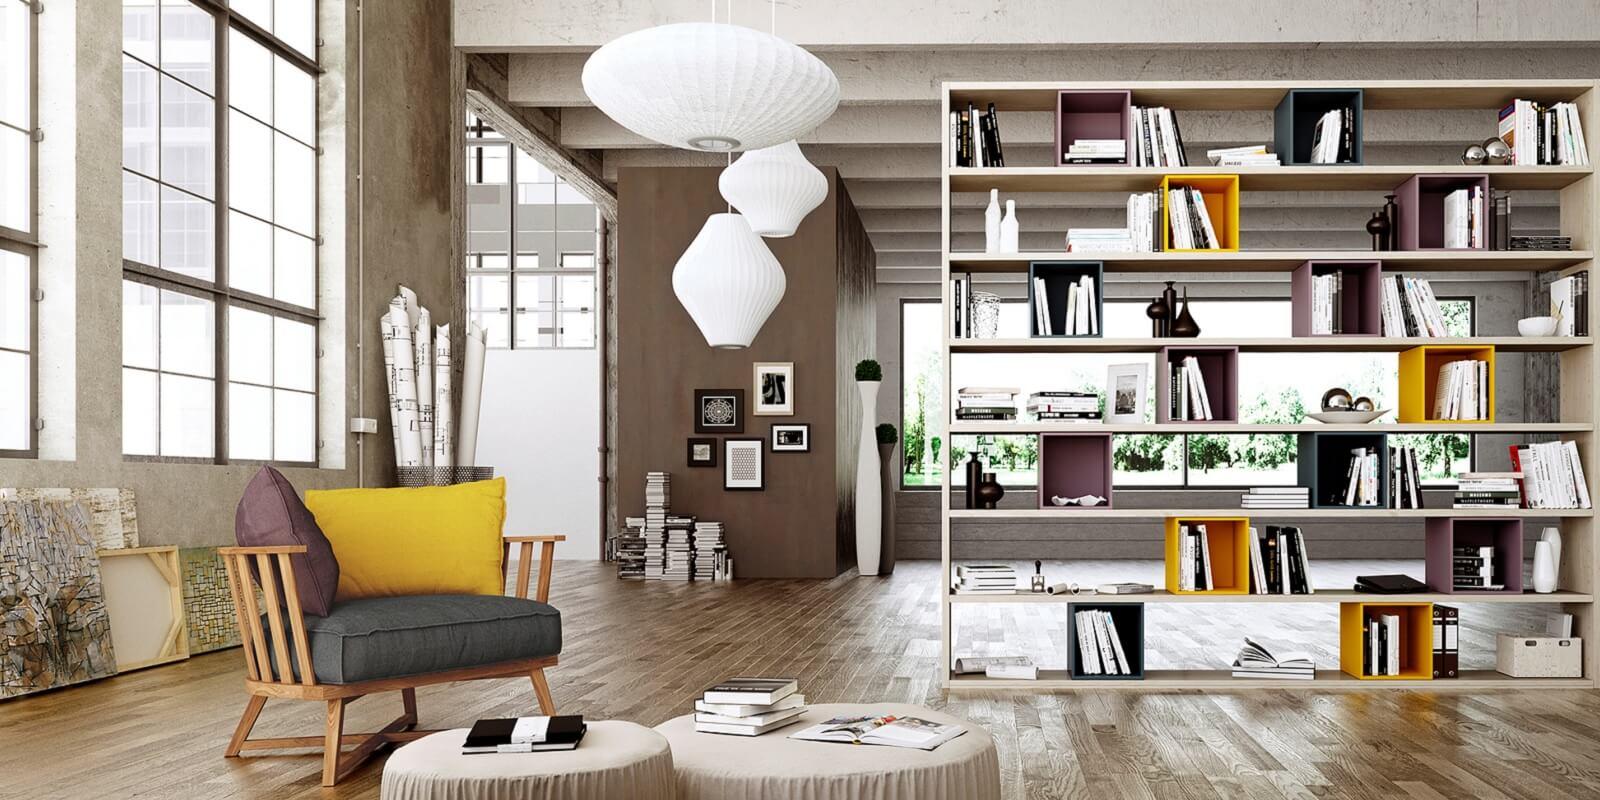 Le mobilier de la maison